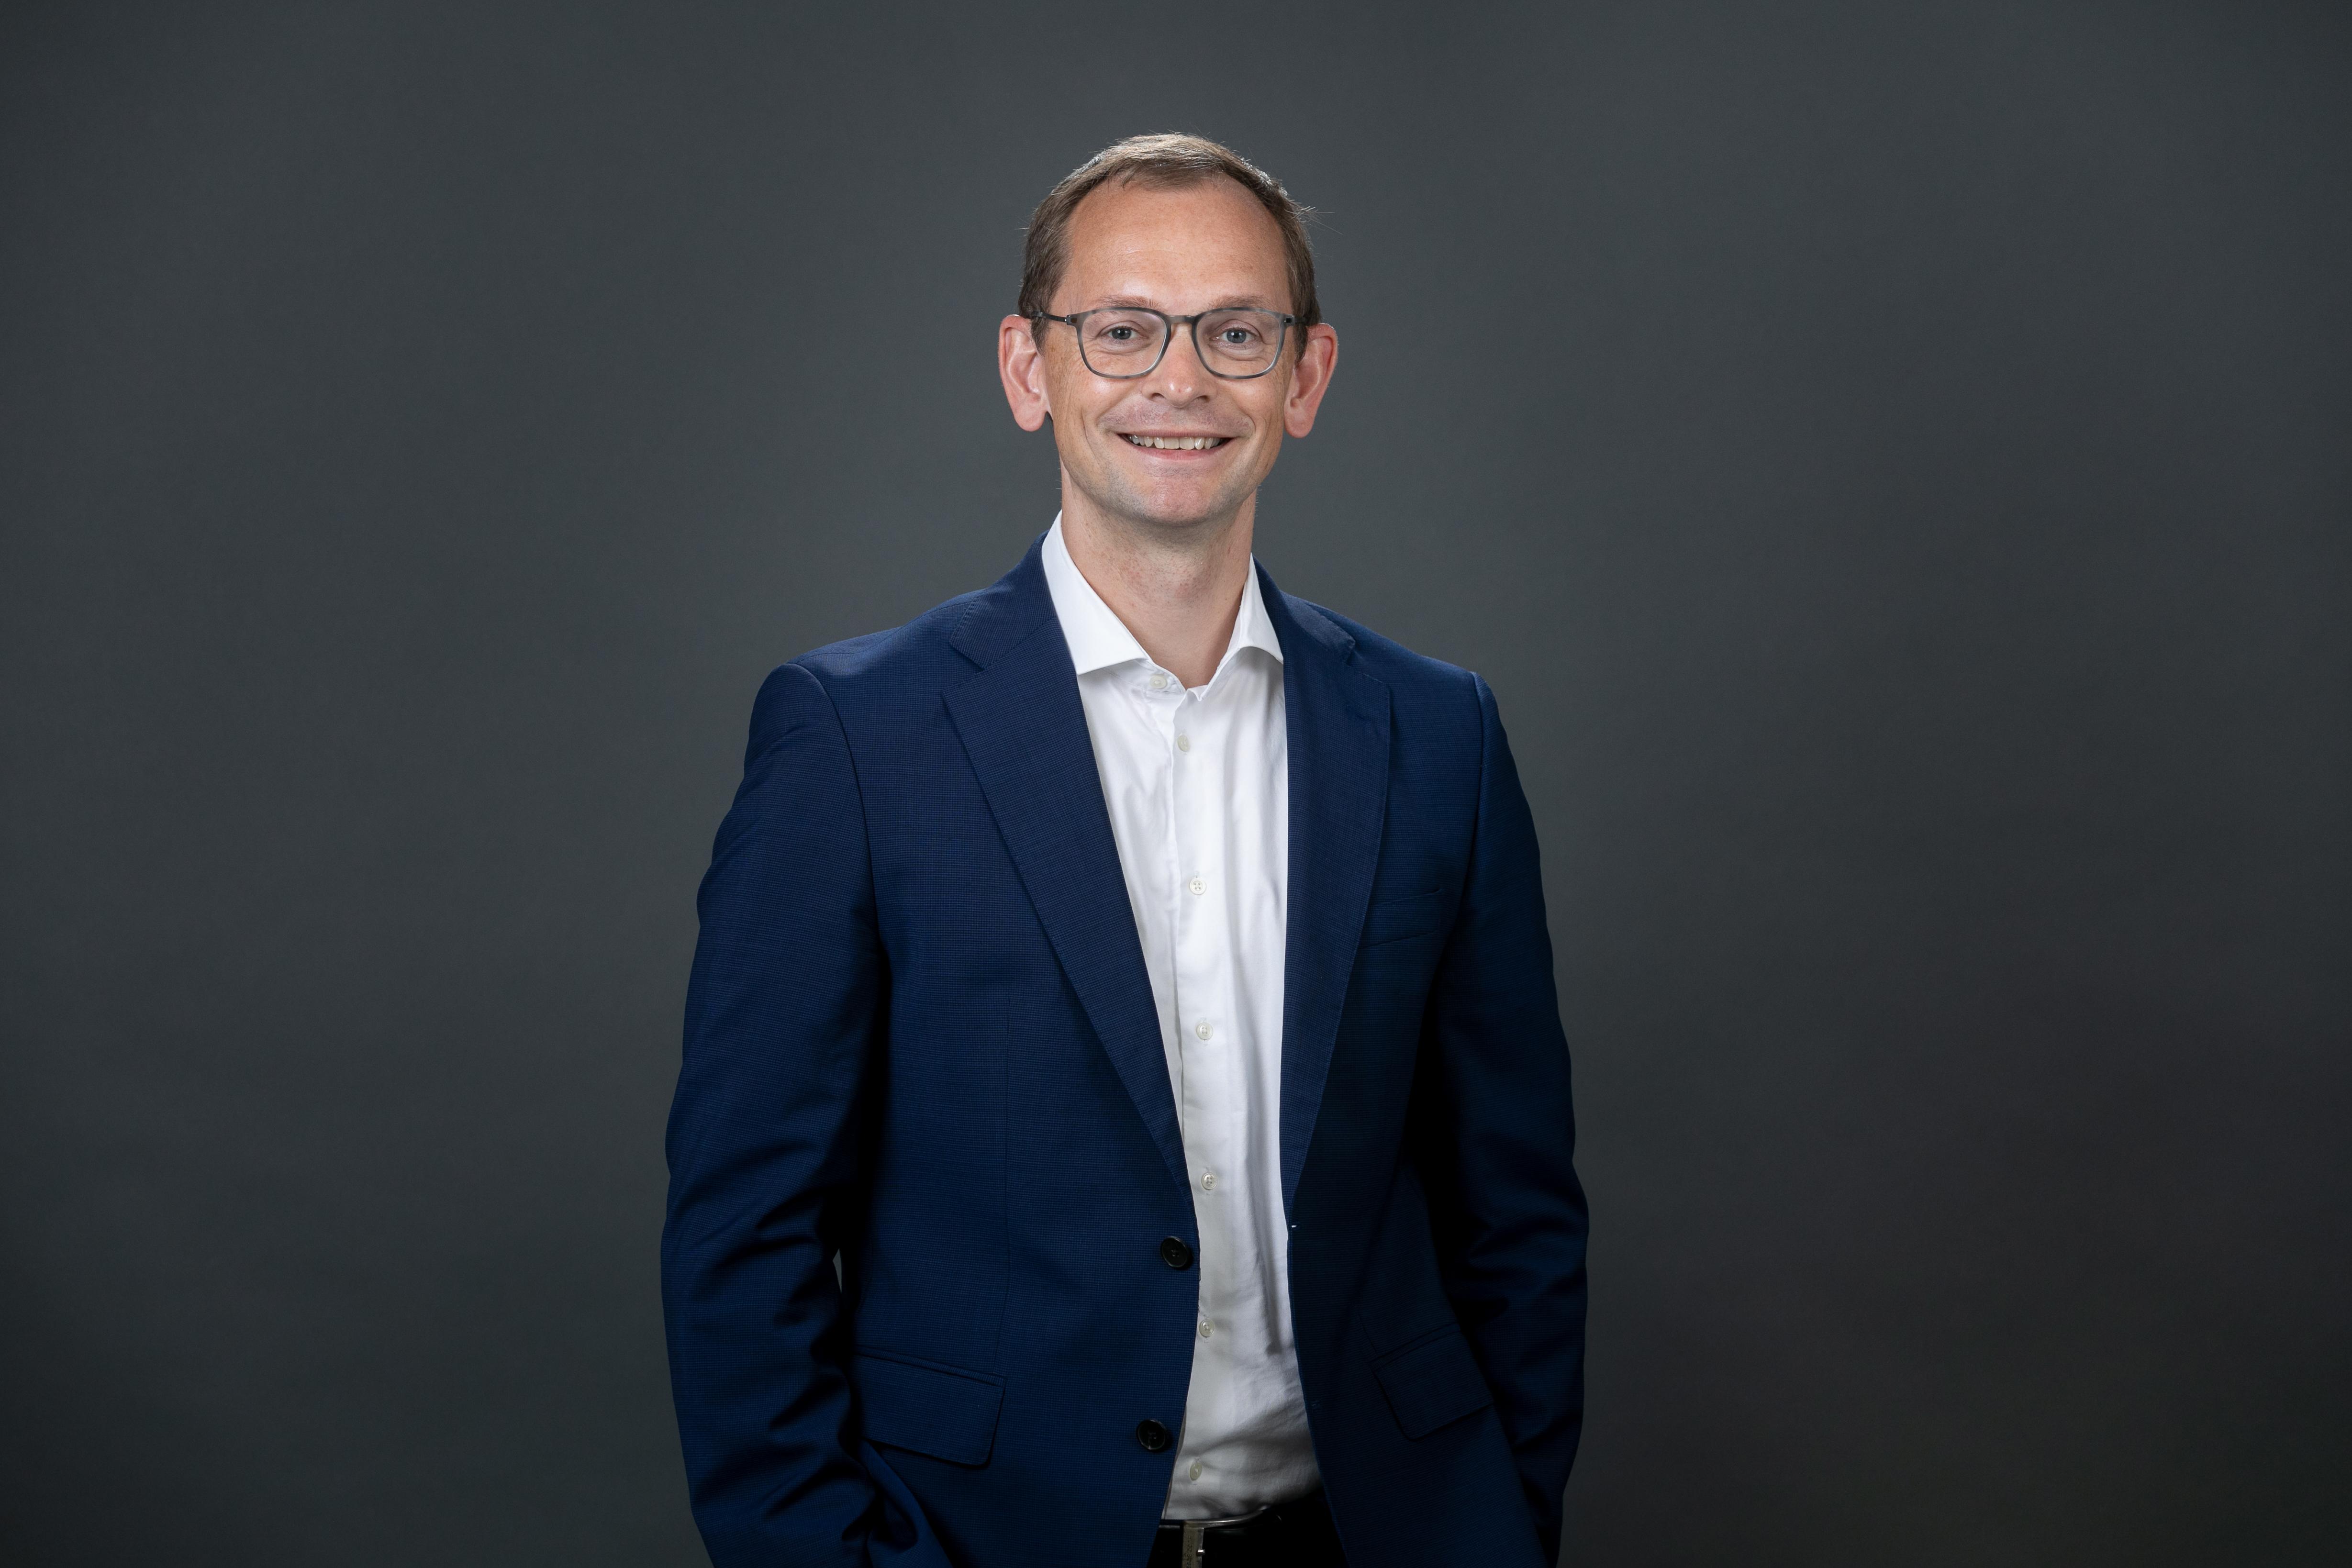 Compleo-ist-technologisch-führend-und-verfügt-über-11-Jahre-Erfahrung-Kommentar-GodmodeTrader-Team-GodmodeTrader.de-2